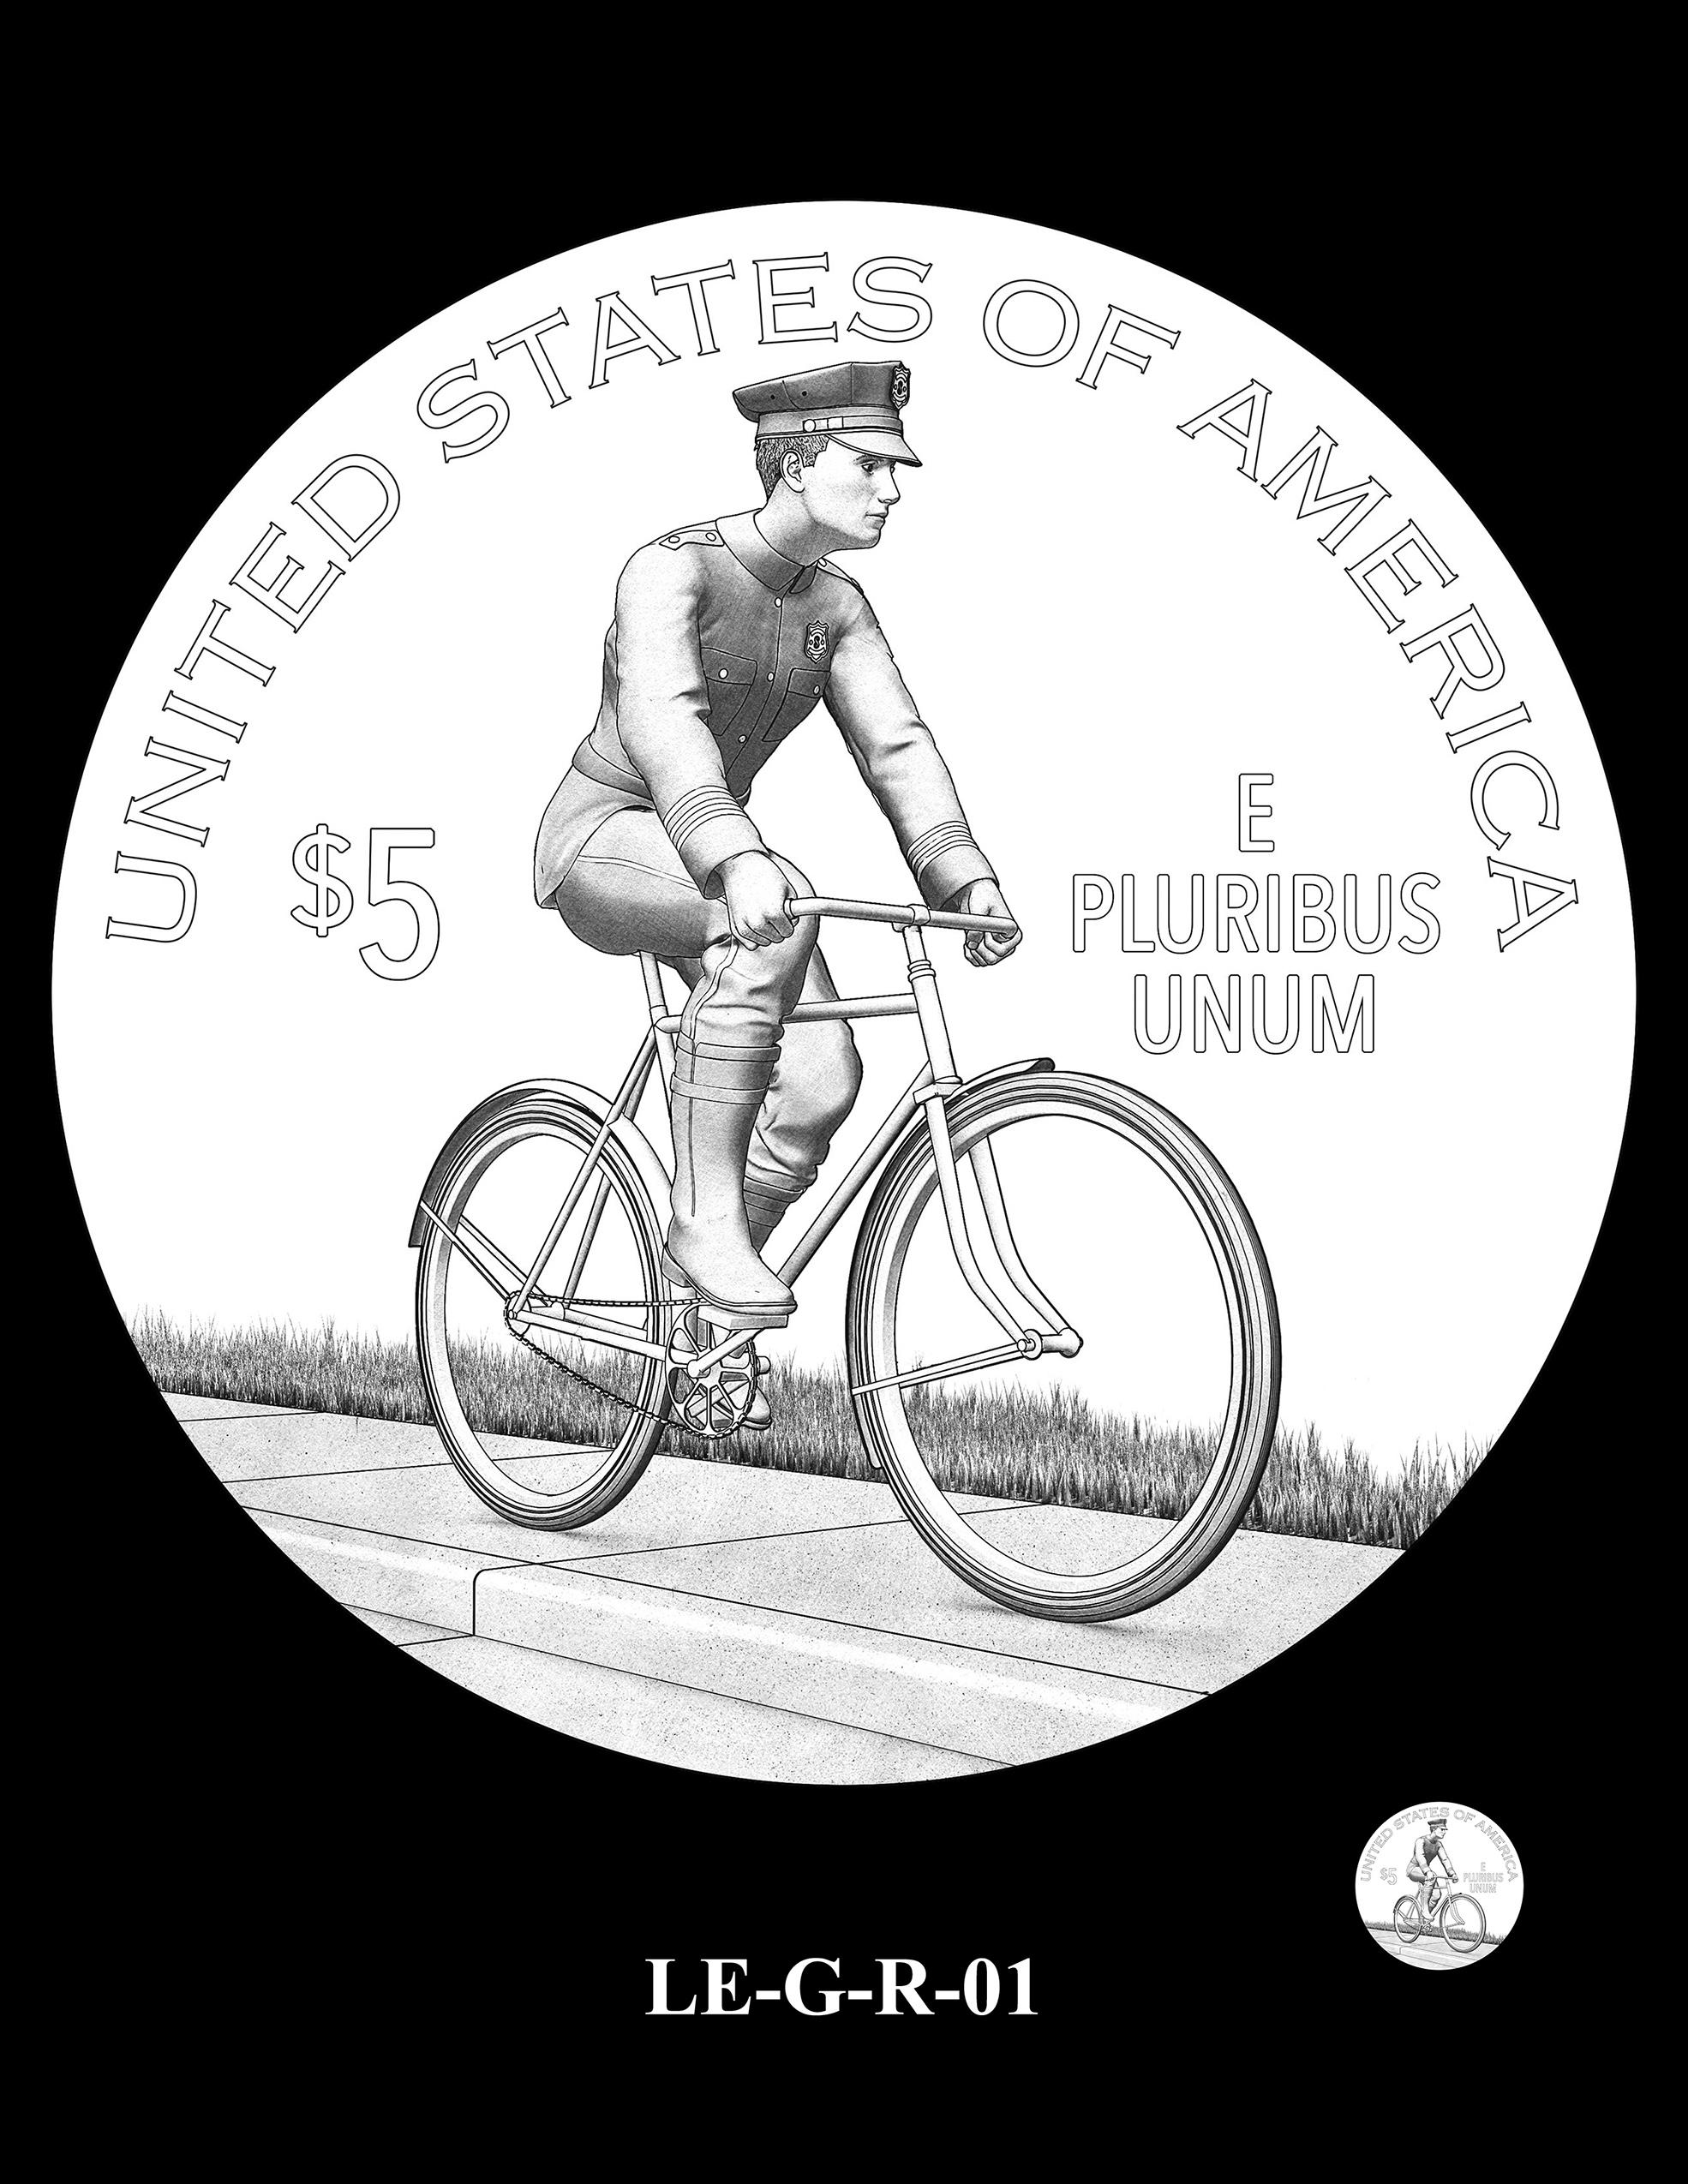 LE-G-R-01 -- National Law Enforcement Museum Commemorative Coin Program